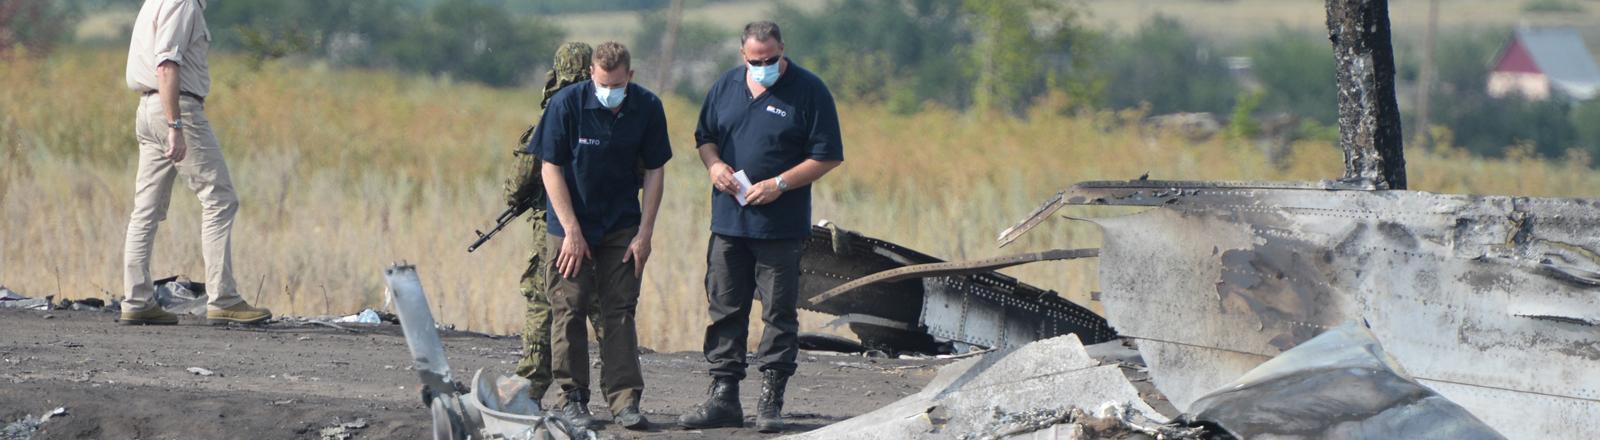 Experten an der Absturzstelle von MH-17 in der Ostukraine